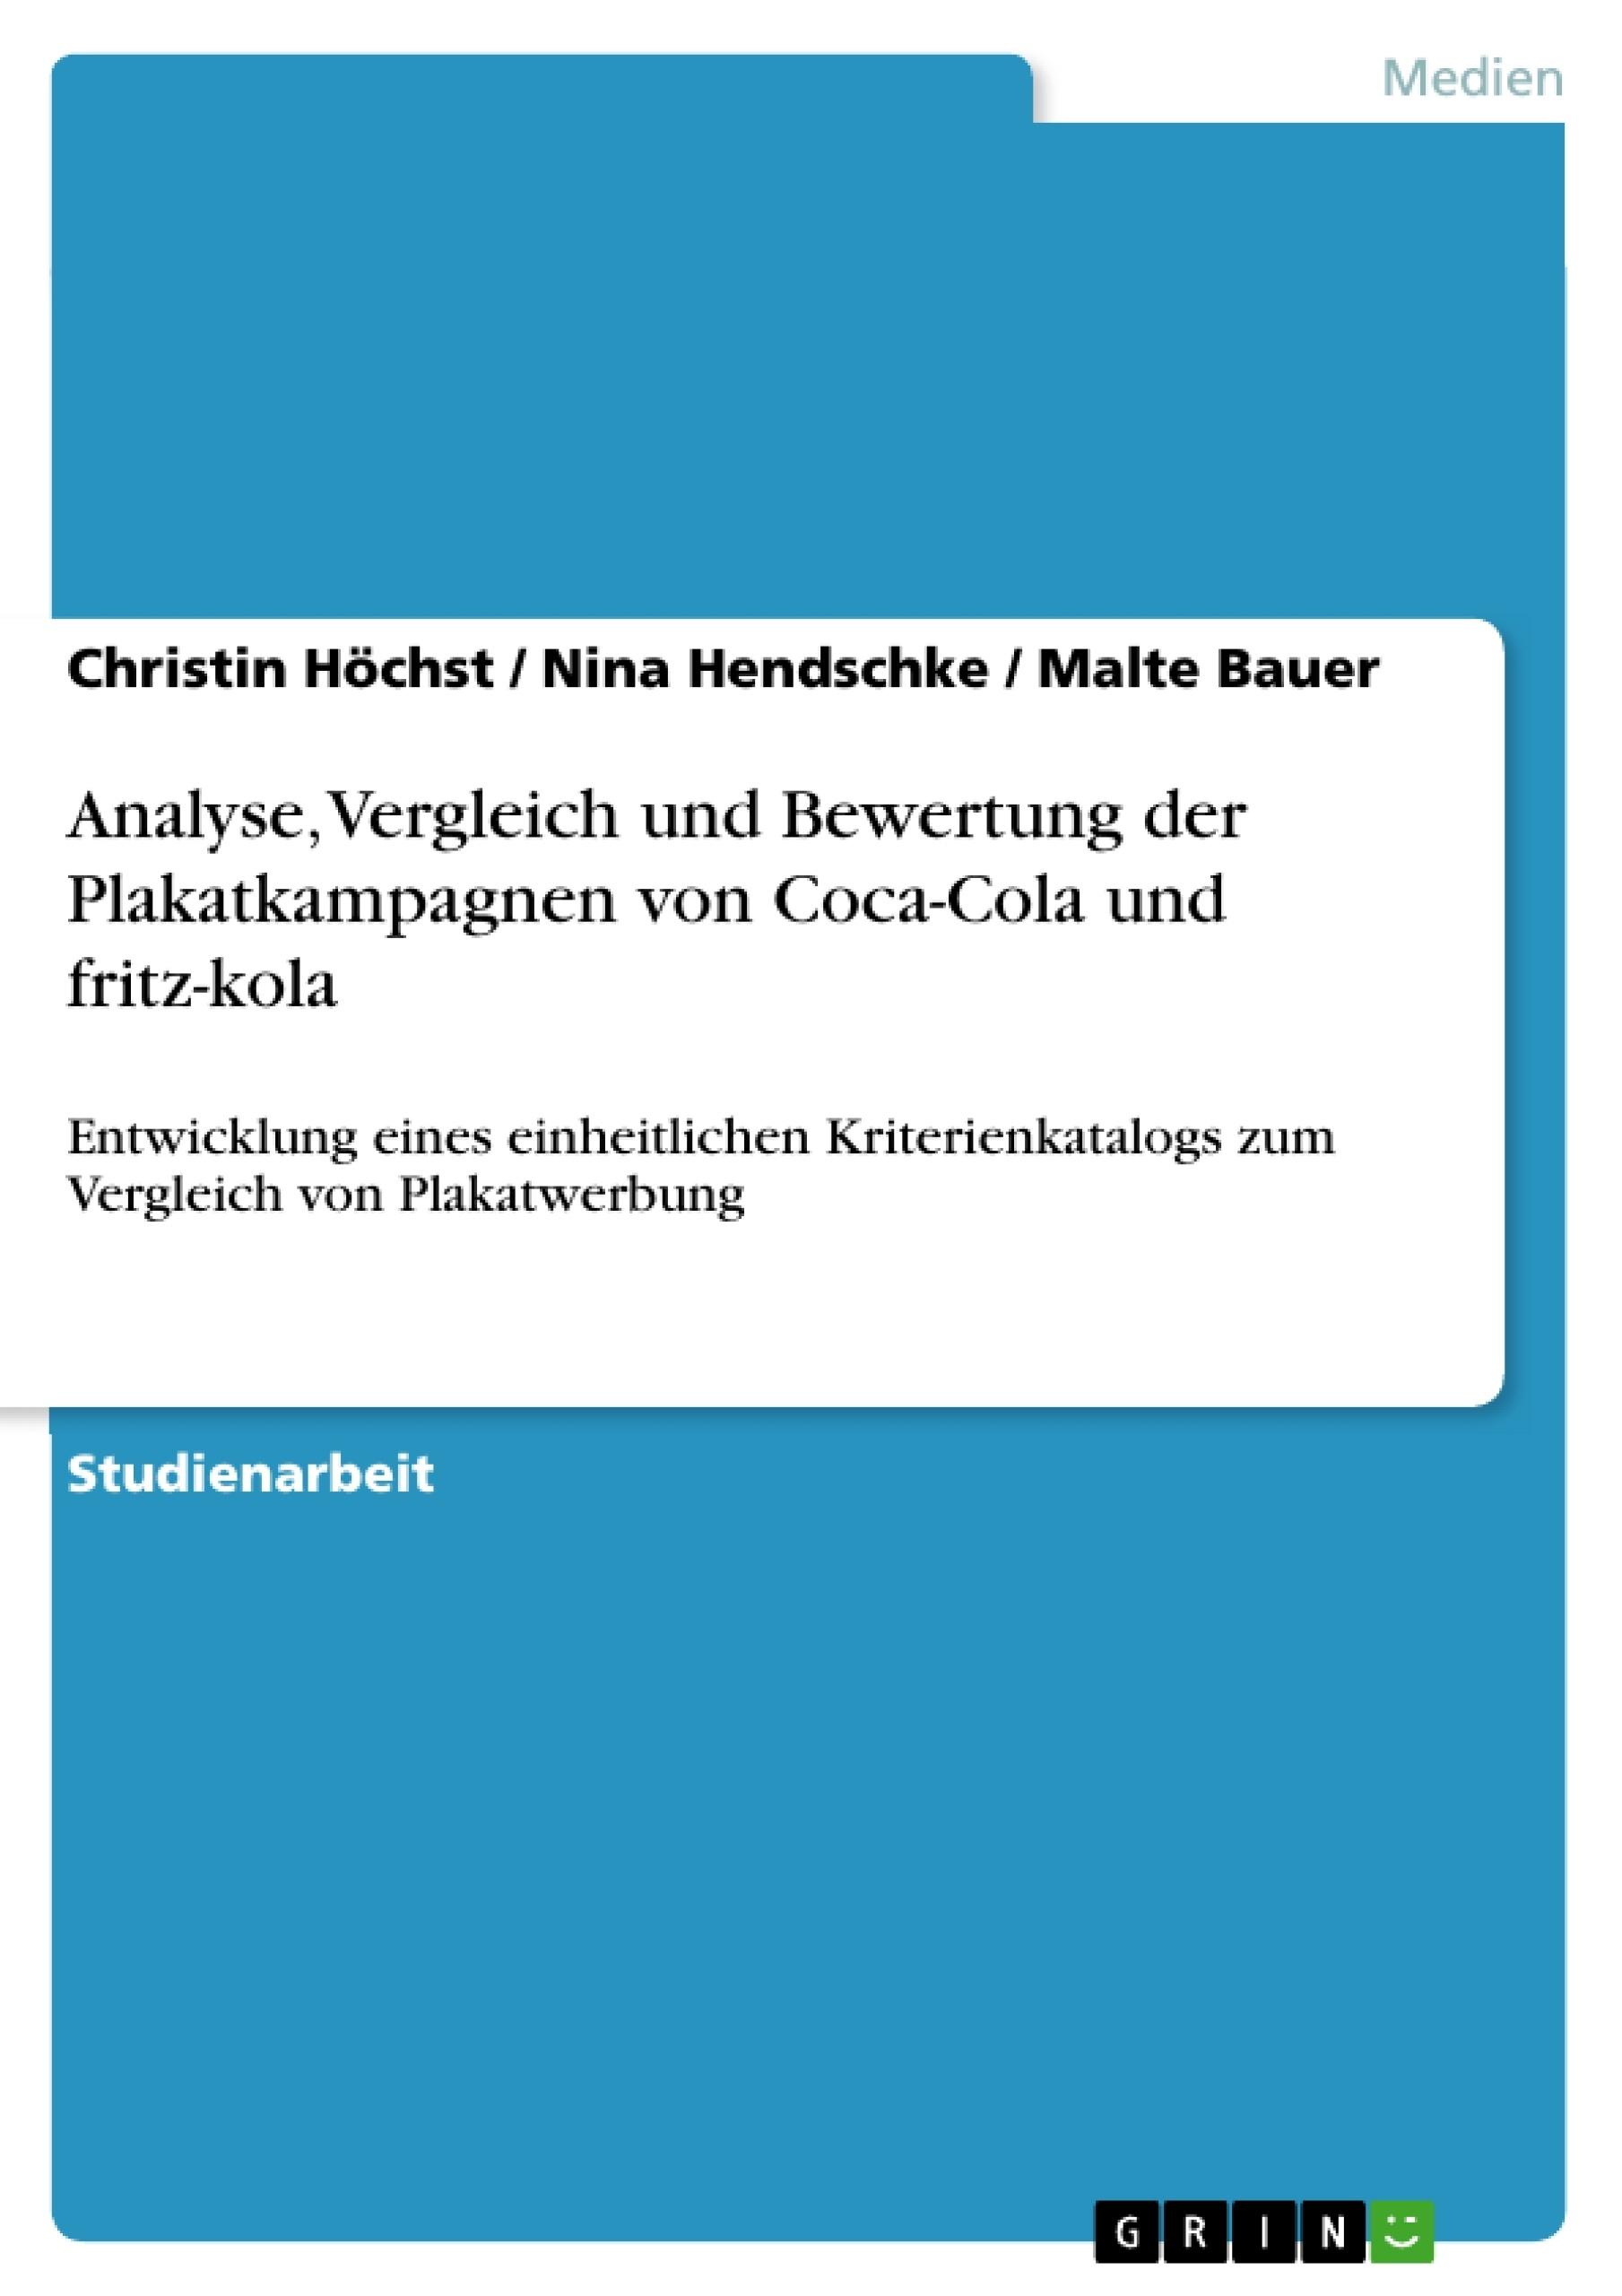 Titel: Analyse, Vergleich und Bewertung der Plakatkampagnen von Coca-Cola und fritz-kola